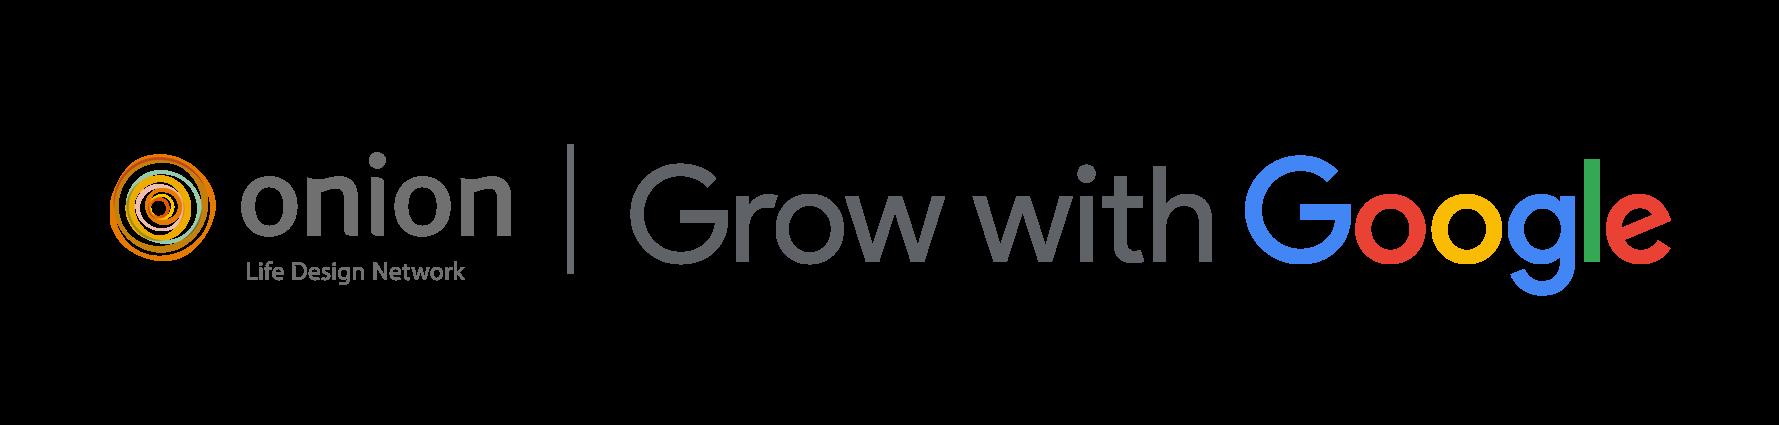 【3/6開催】Grow with Googleローカルビジネスにおけるマーケティング活用セミナー開催のお知らせ 参加無料